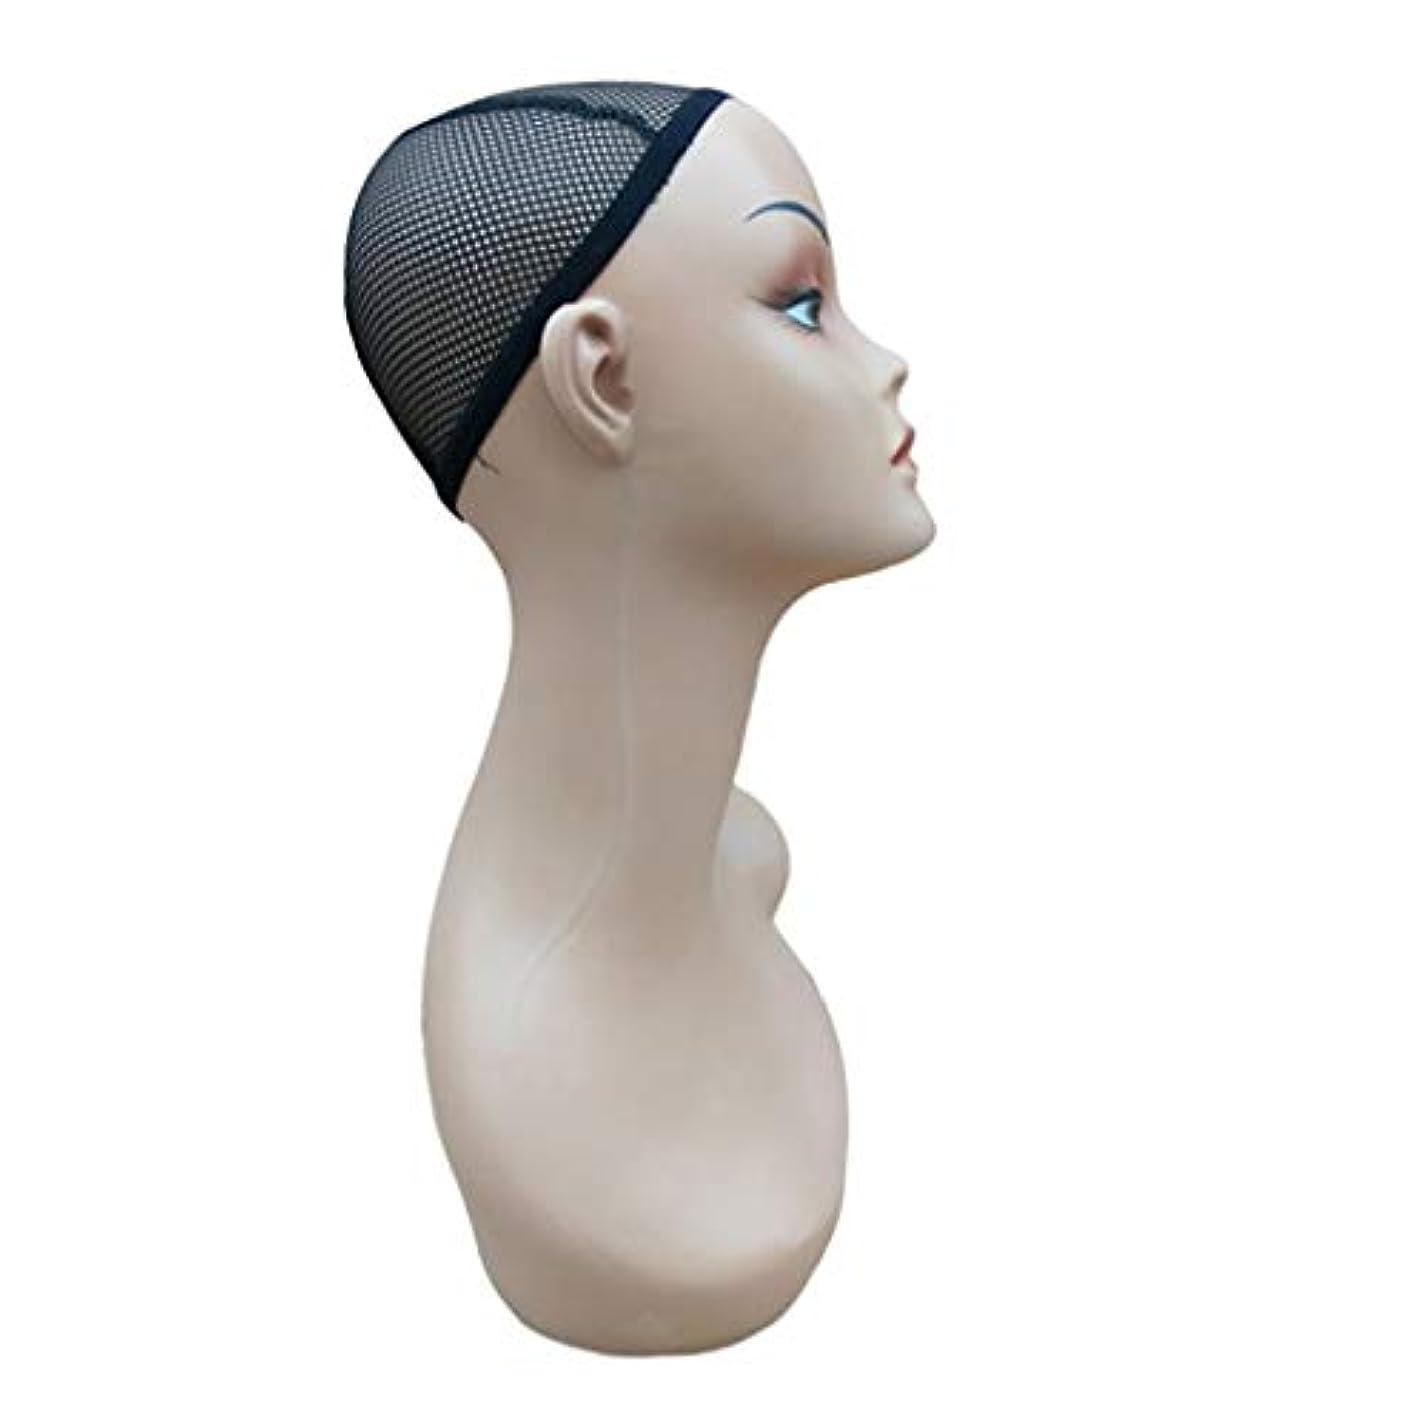 ブロッサム動力学関係するDYNWAVE マネキンヘッド ヘッドモデル ディスプレイ ネックレス ジュエリー 帽子スタンド